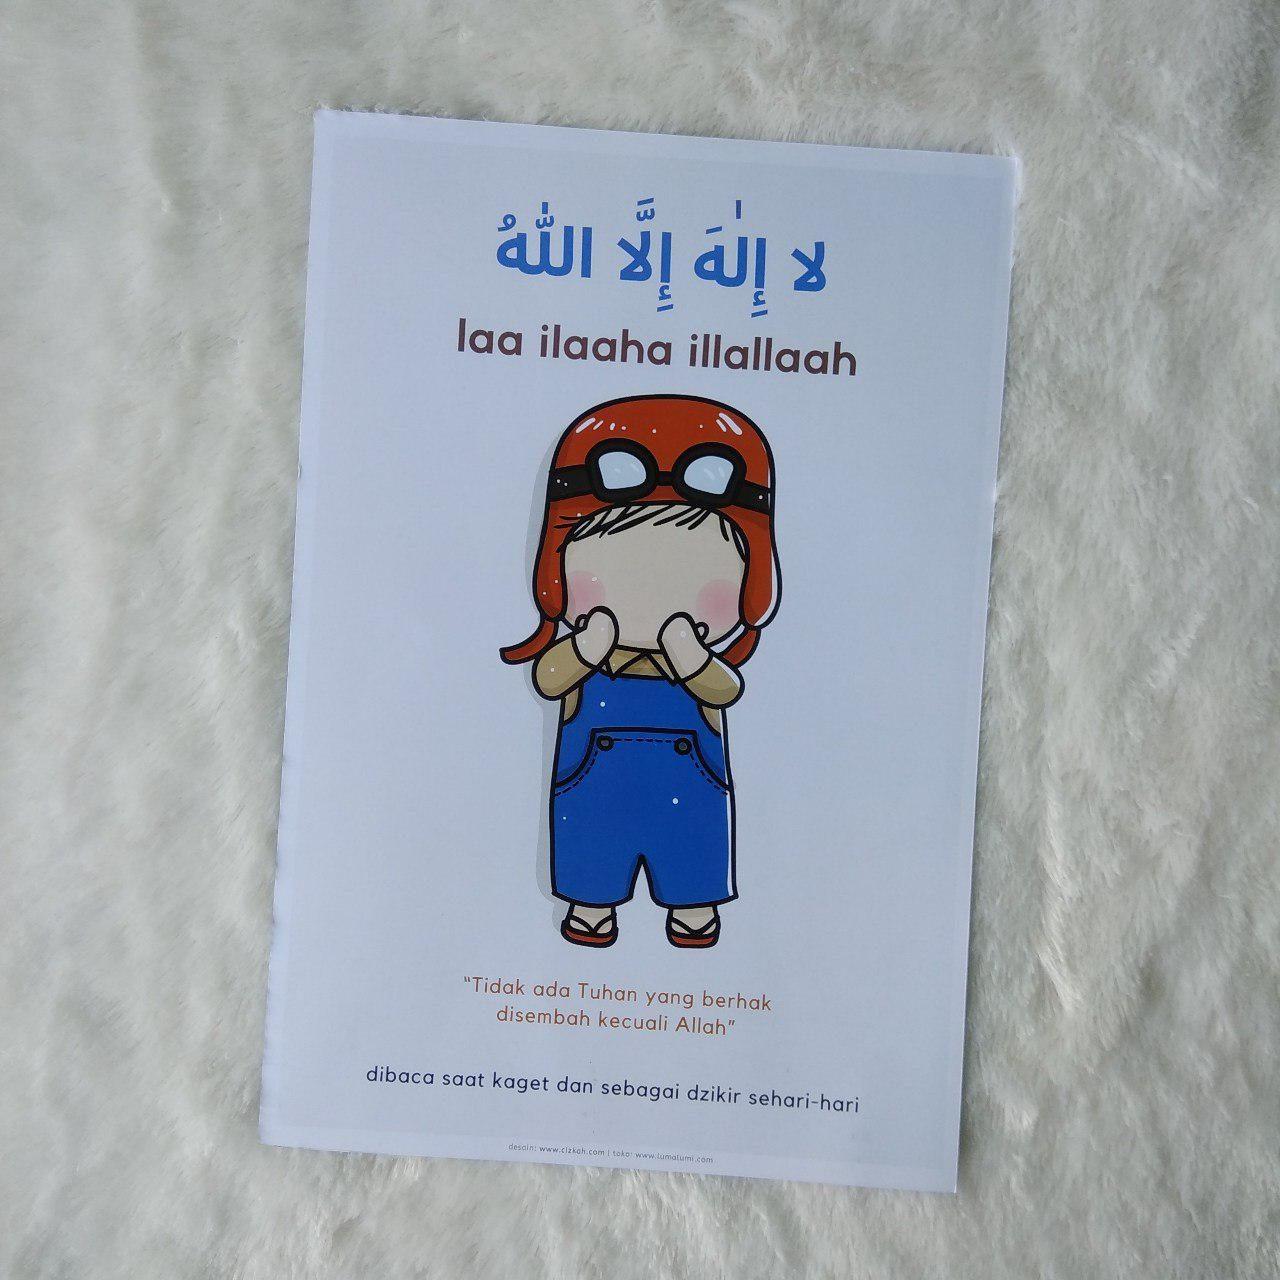 Poster Anak Kalimat La Ilaha Illallah - Laa Ilaaha Illallaah